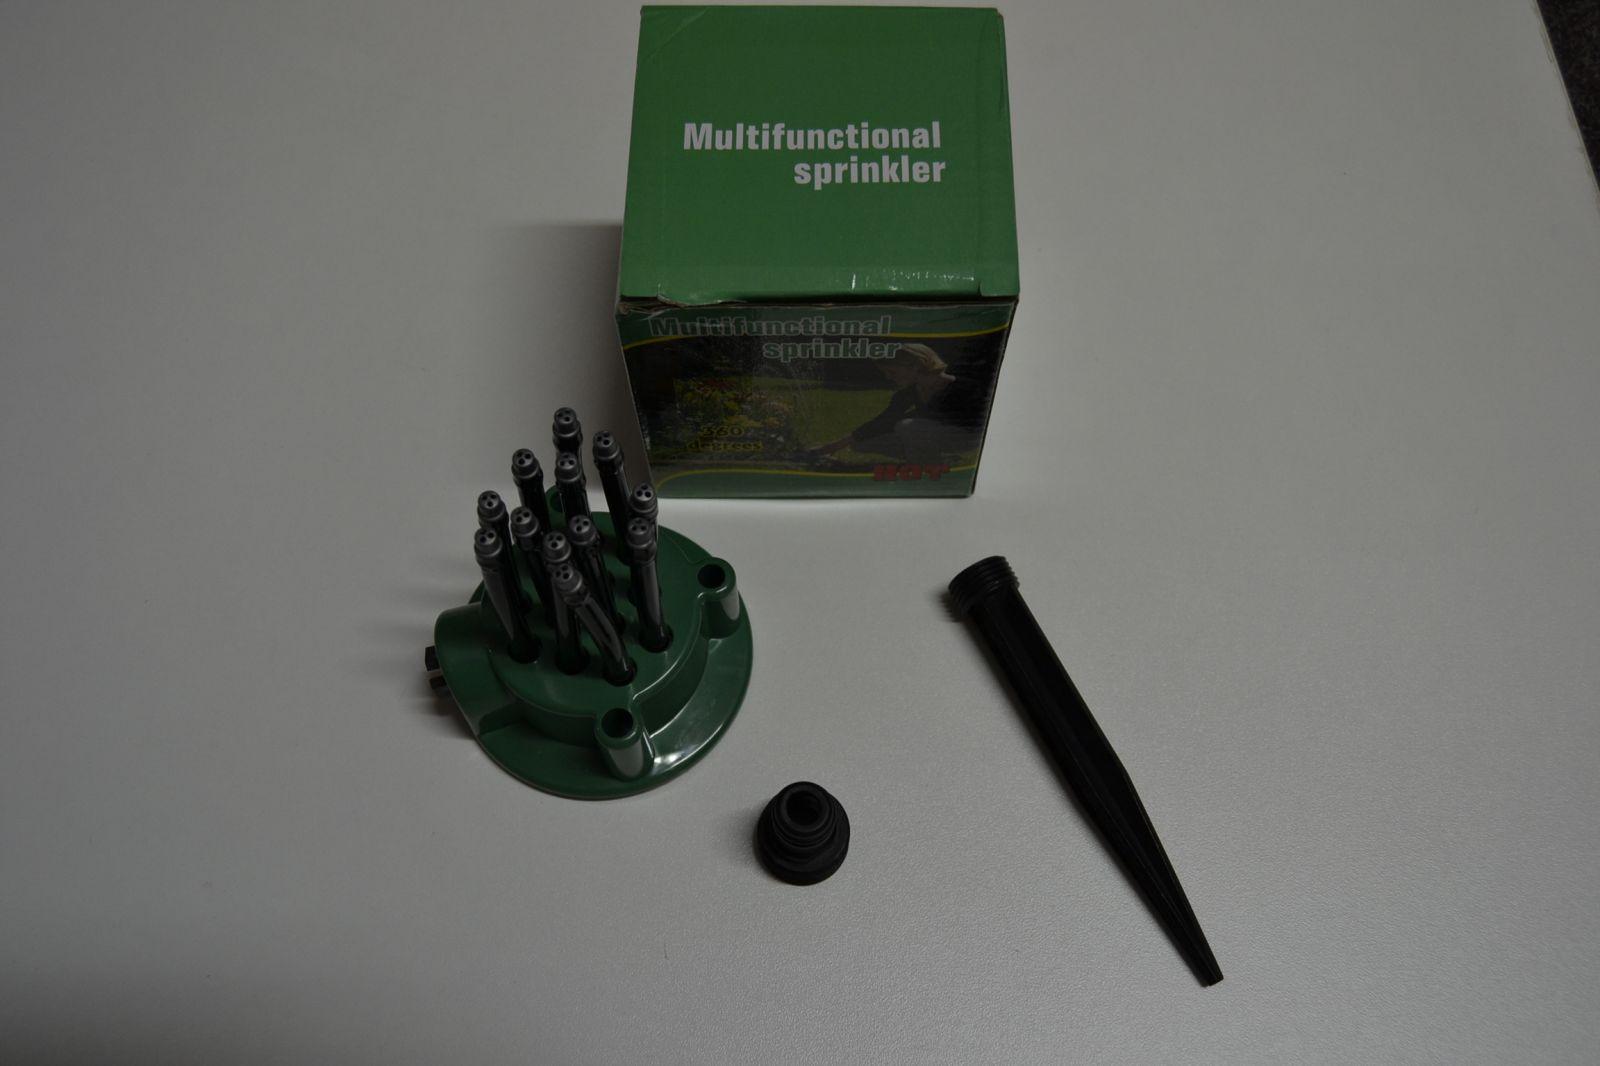 Zahradní rozstřikovač - multifunctional sprinkler